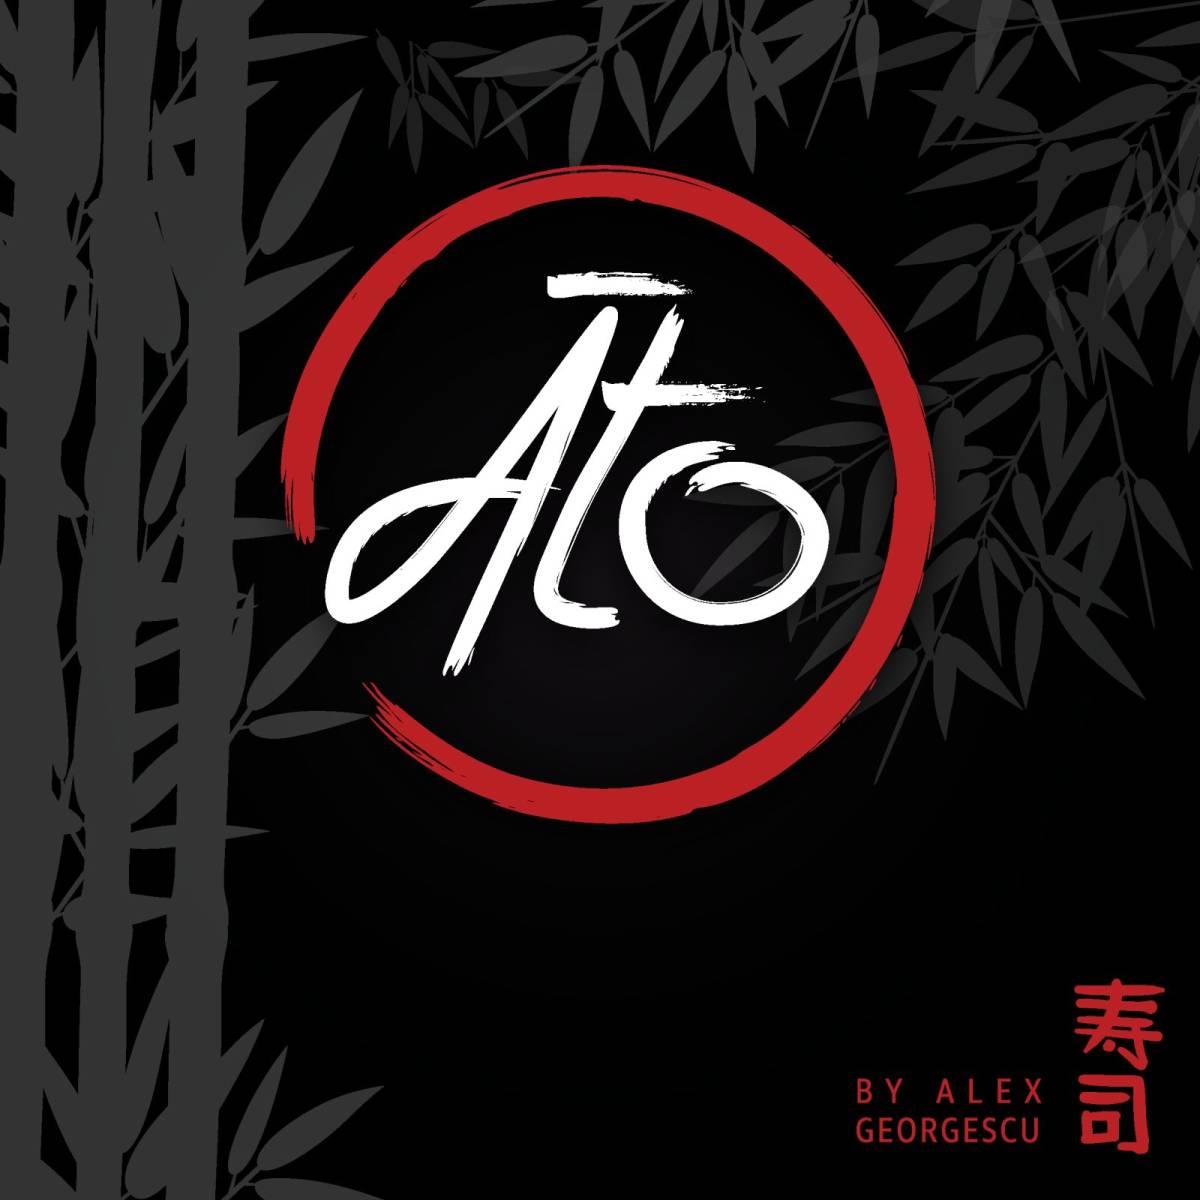 logo Ato v2 web_Page_09